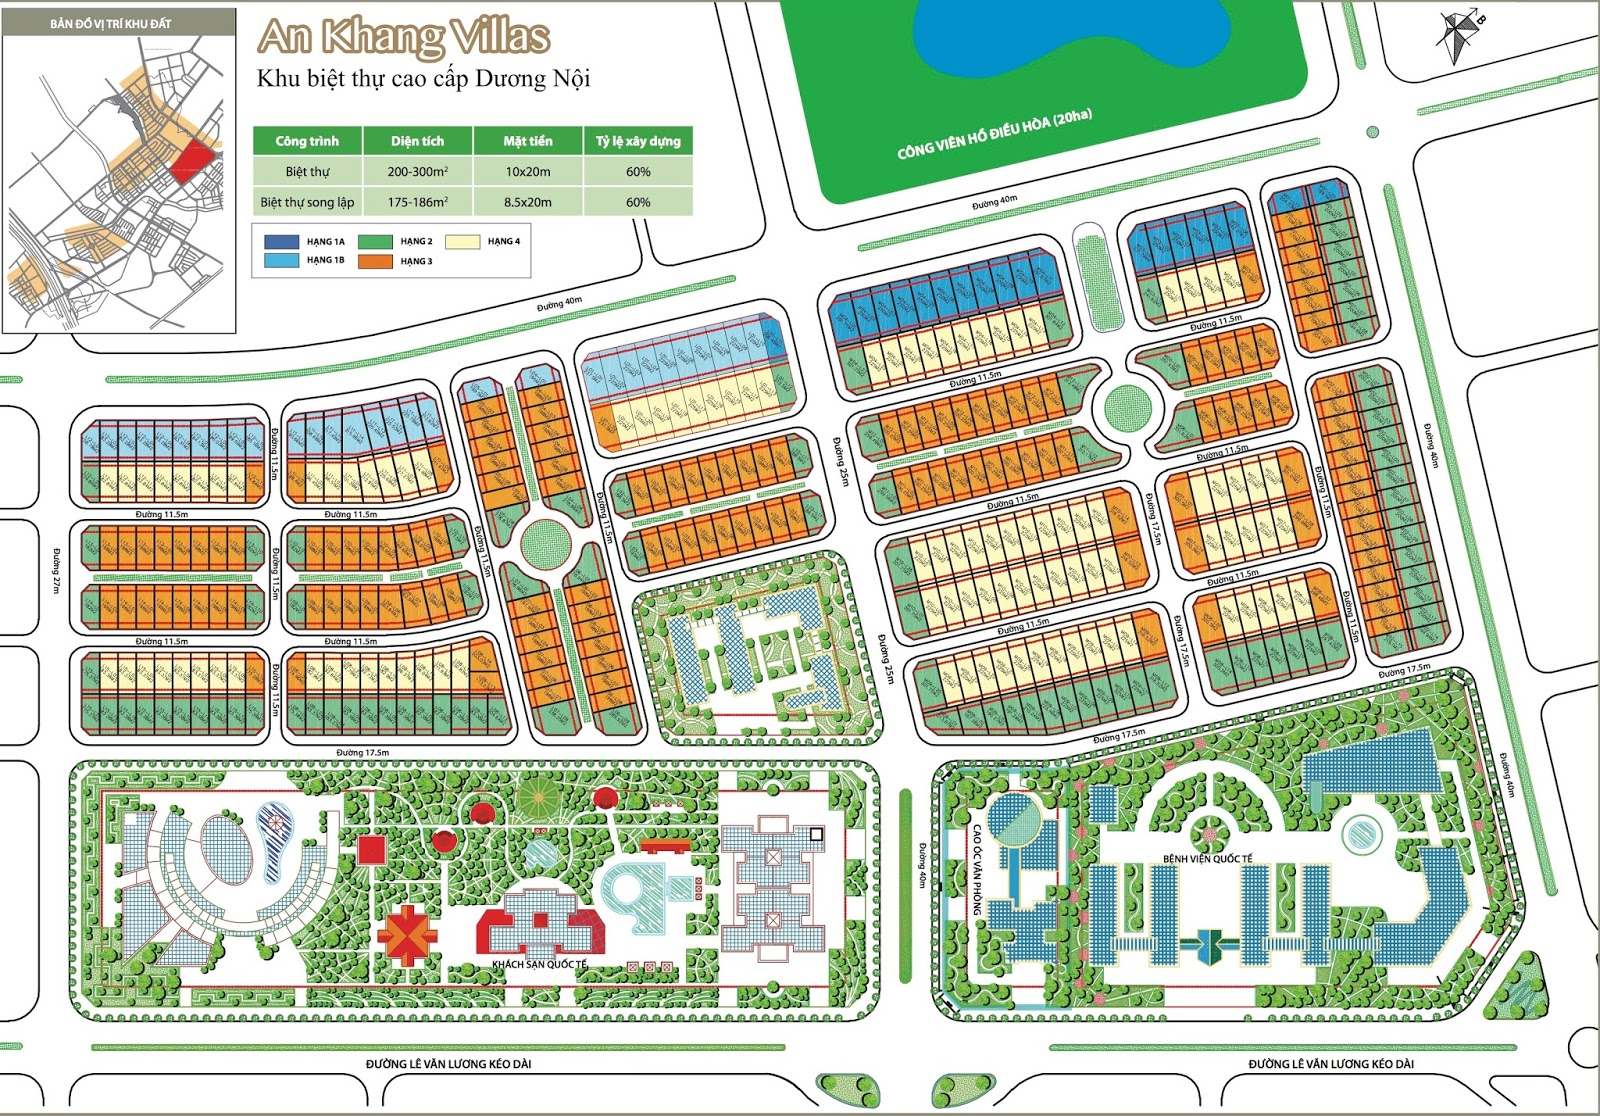 Mặt bằng căn hộ An Khang Villas Dương Nội